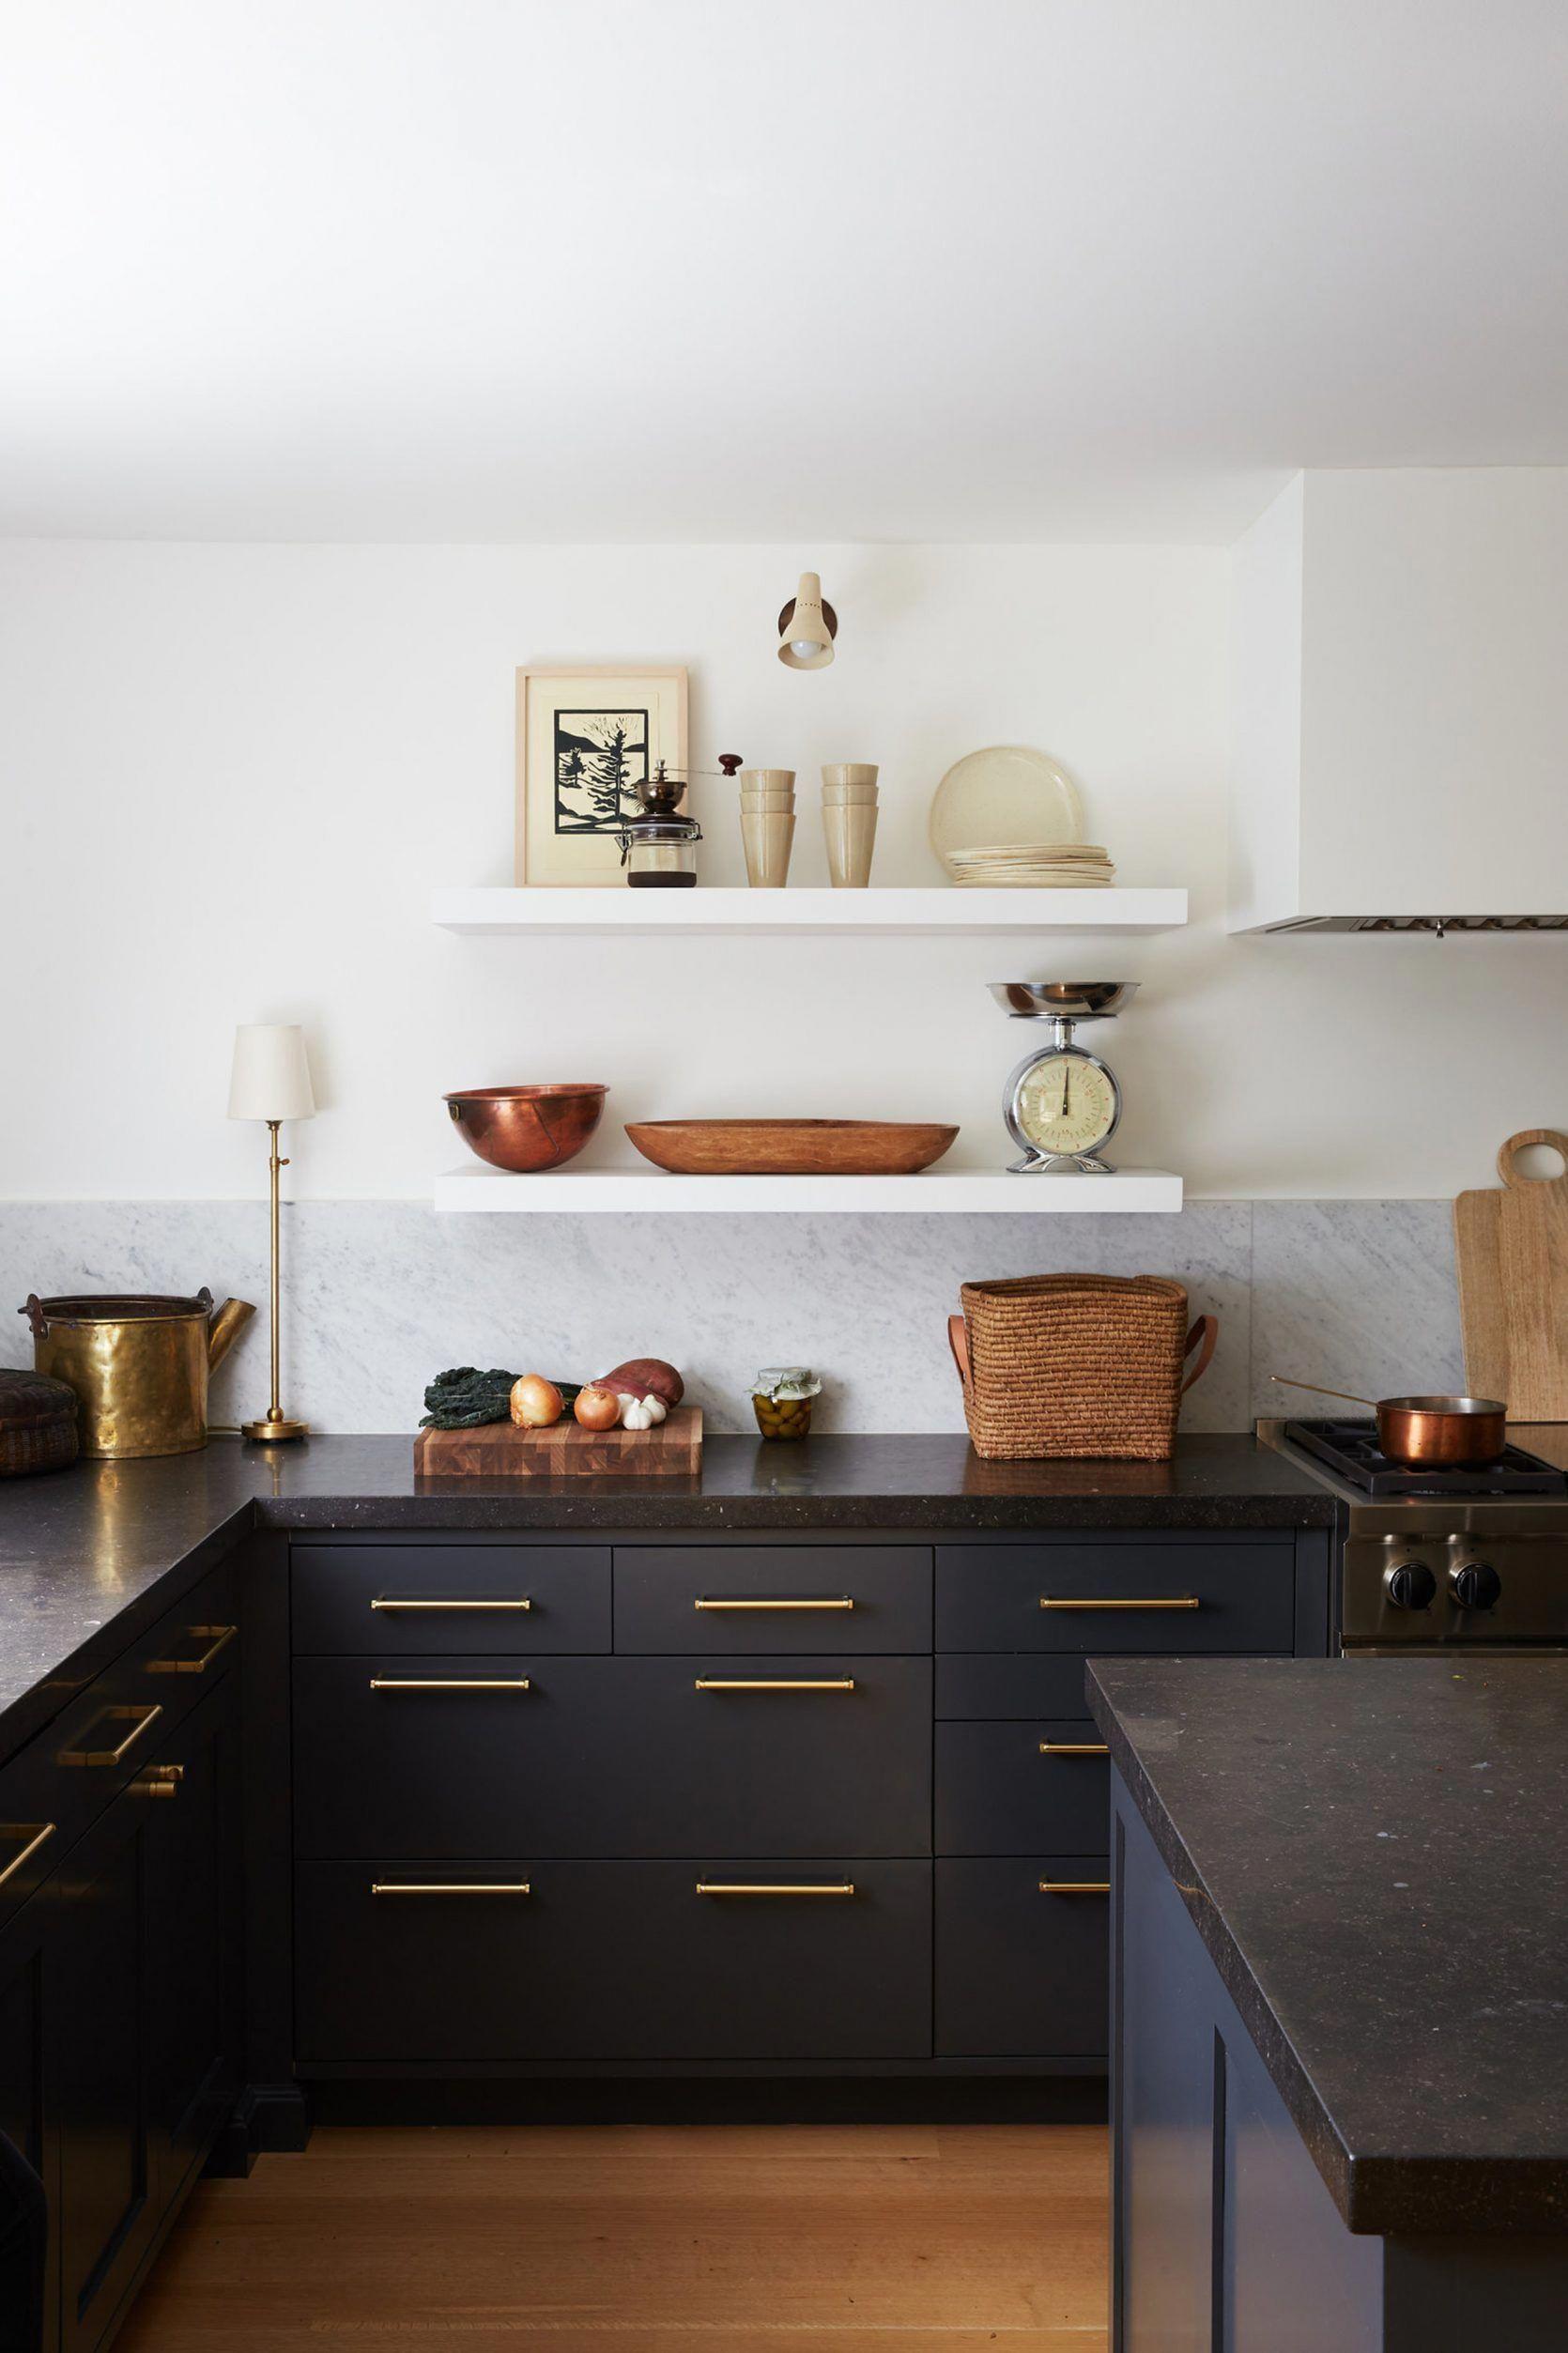 Small Kitchen Interior Design Ideas In Indian Apartments Kitcheninteriordesign Kjokken Inspirasjon Kjokkendesign Kjokkenfliser